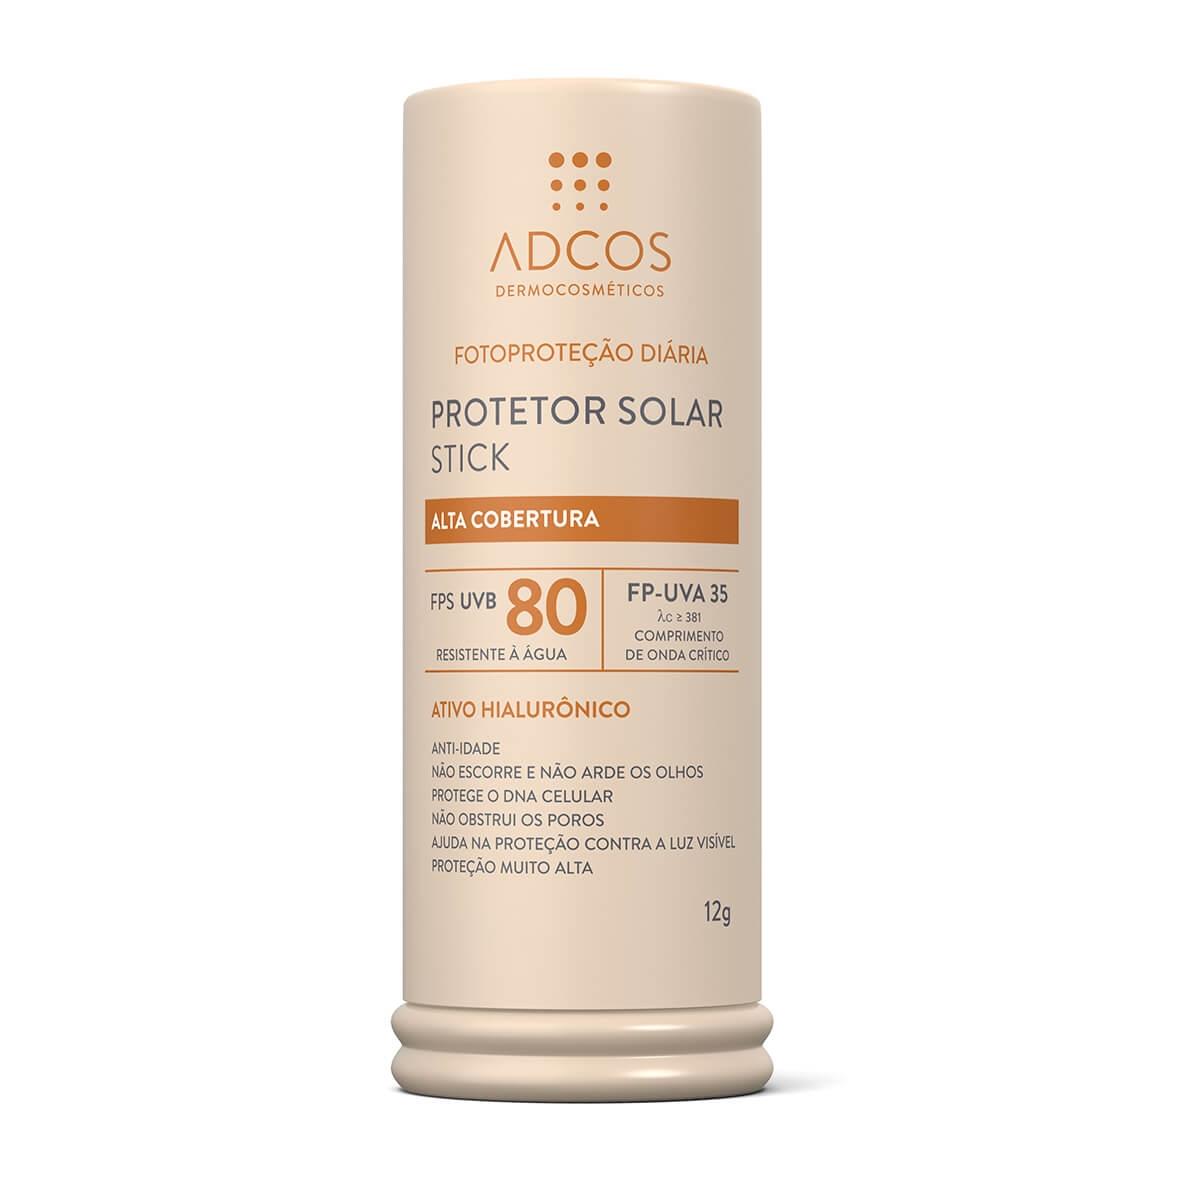 Protetor Solar Facial Base Stick Adcos Alta Cobertura FPS 80 com 12g 12g